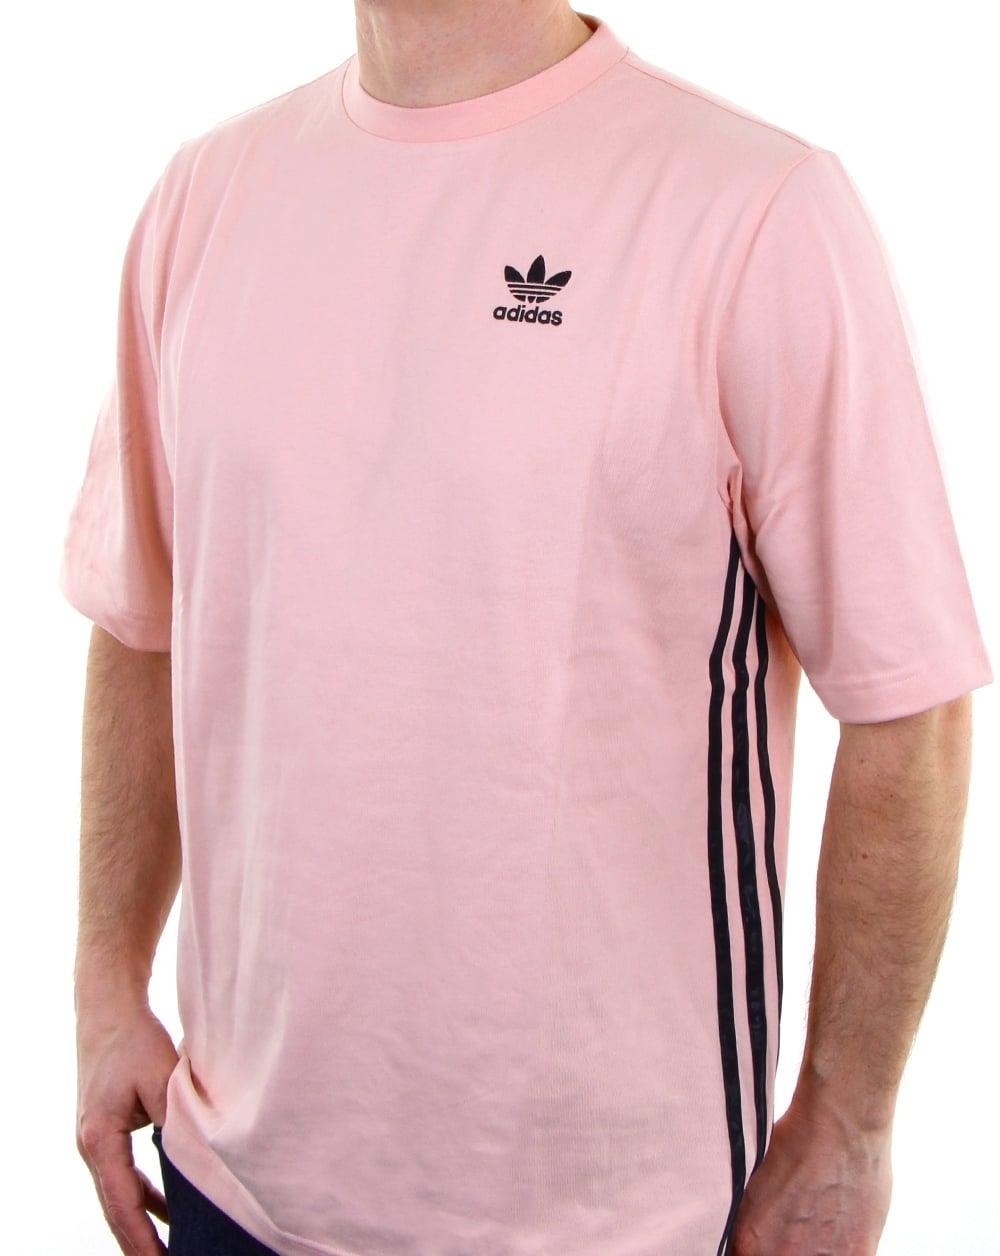 adidas originals california t shirt vapour pink